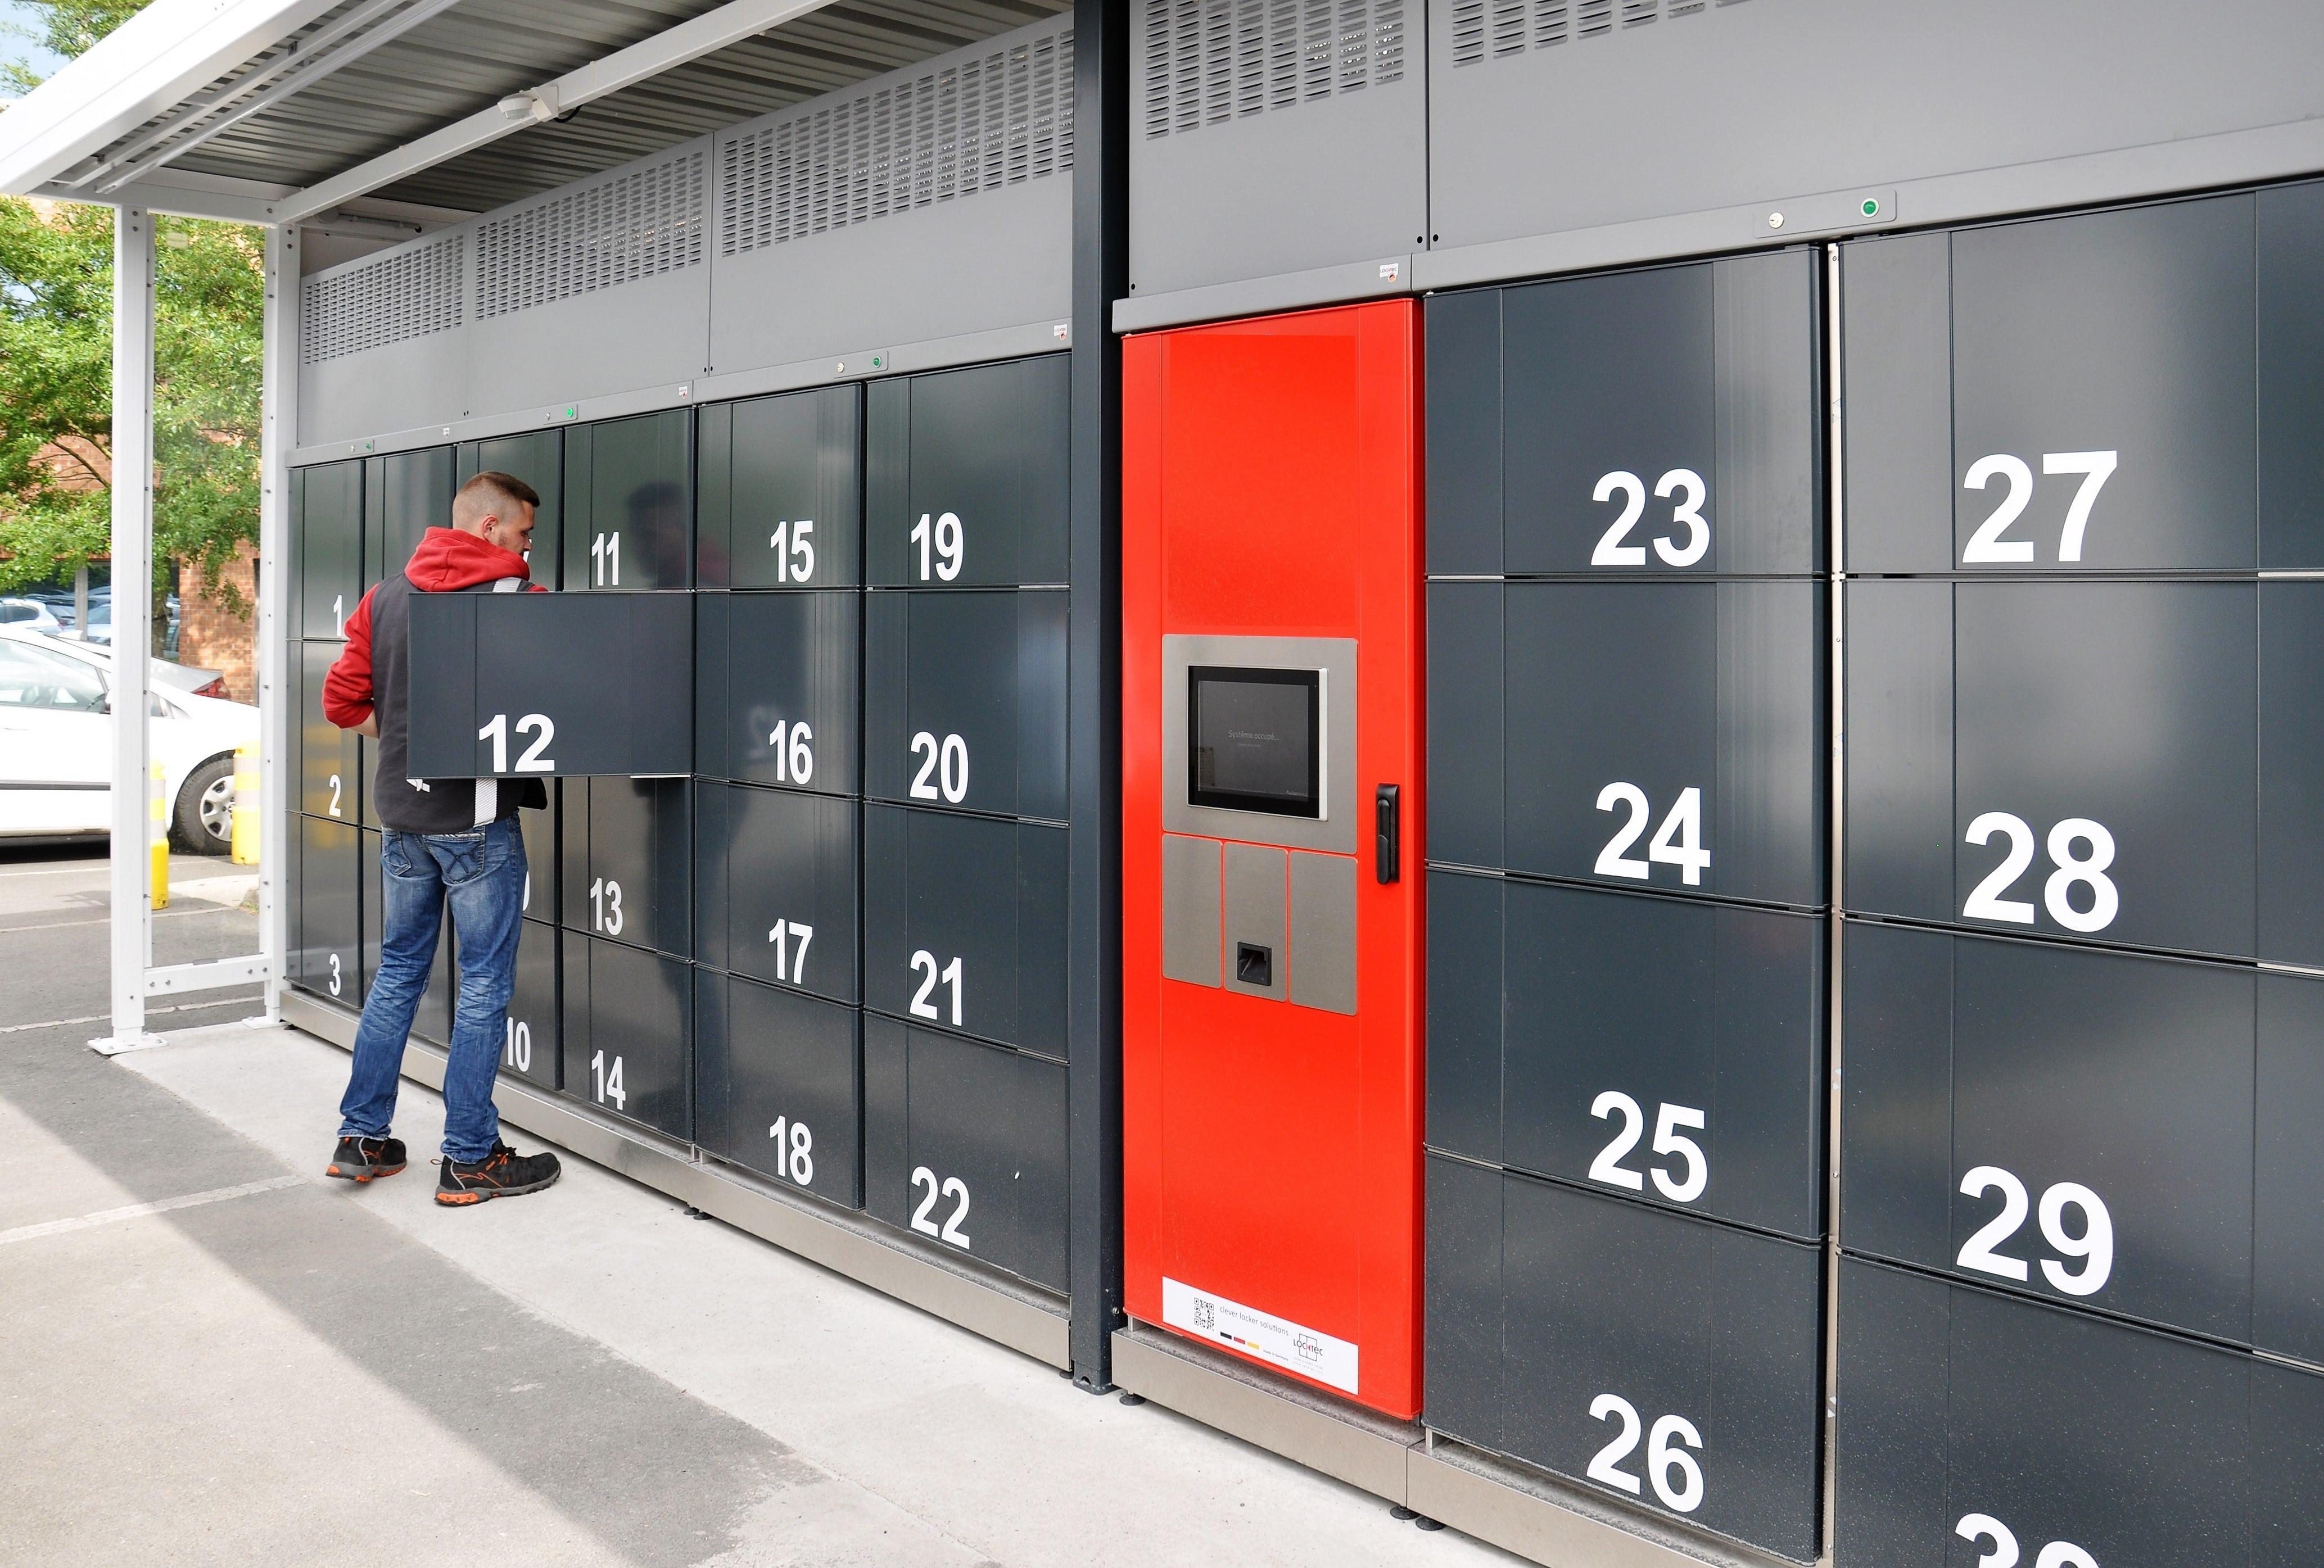 Estações pickup com controlo da temperatura para alimentos - cool lockers